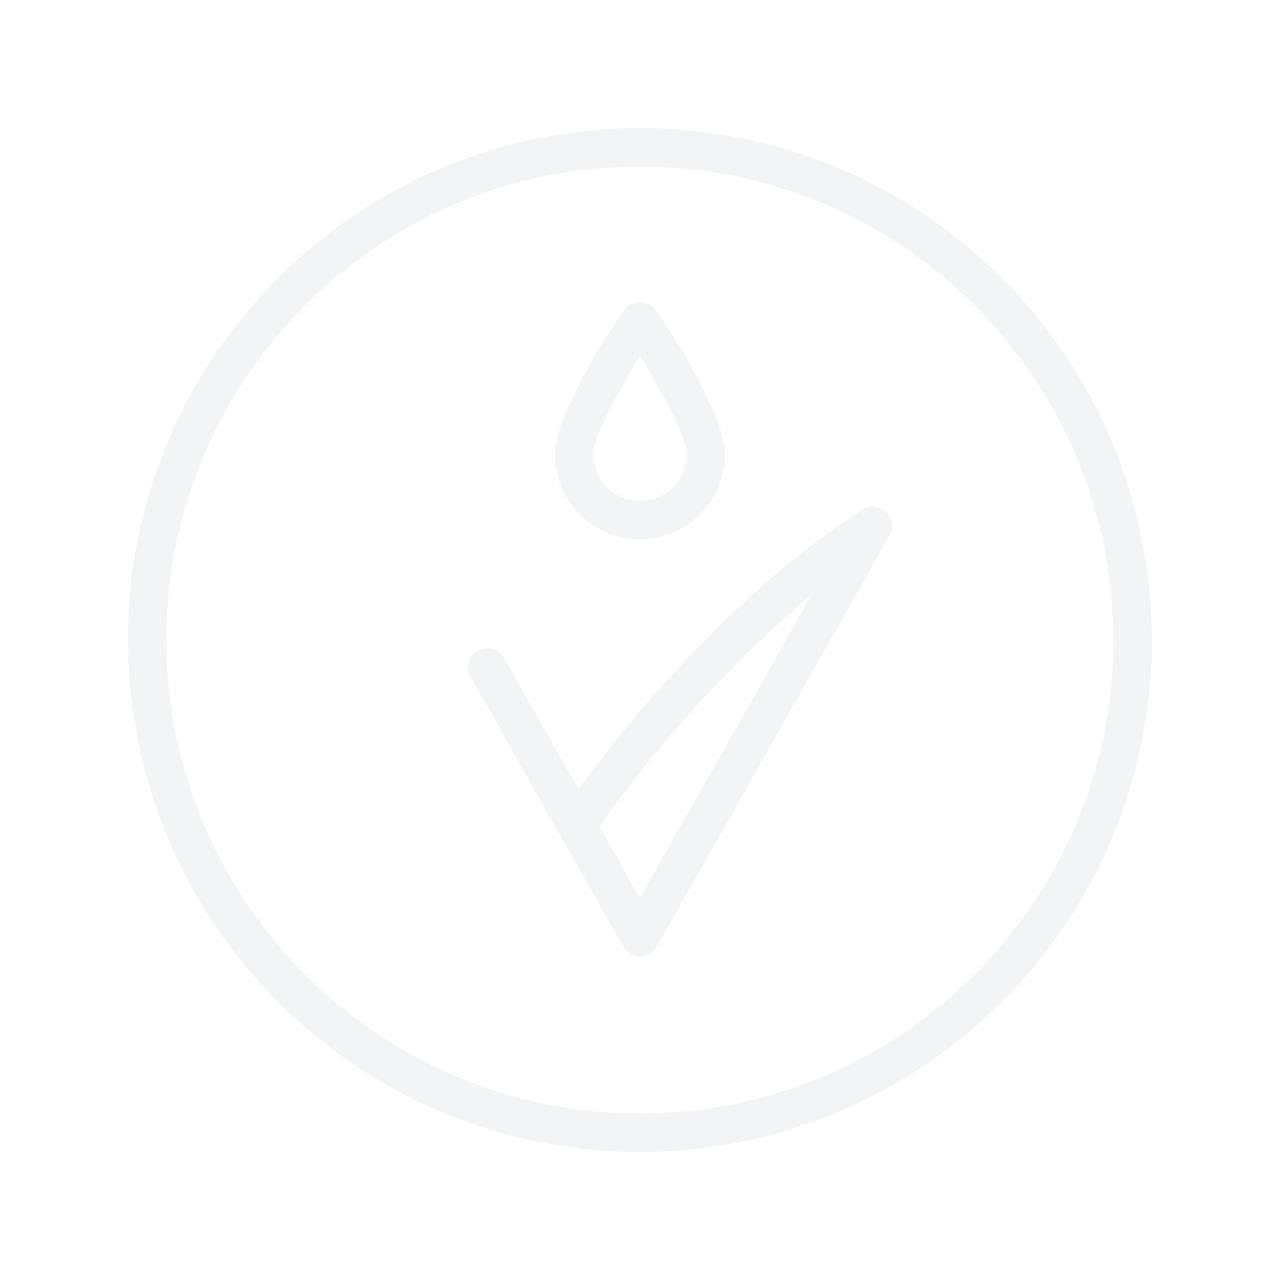 LIERAC Premium Silky легкий крем 50ml